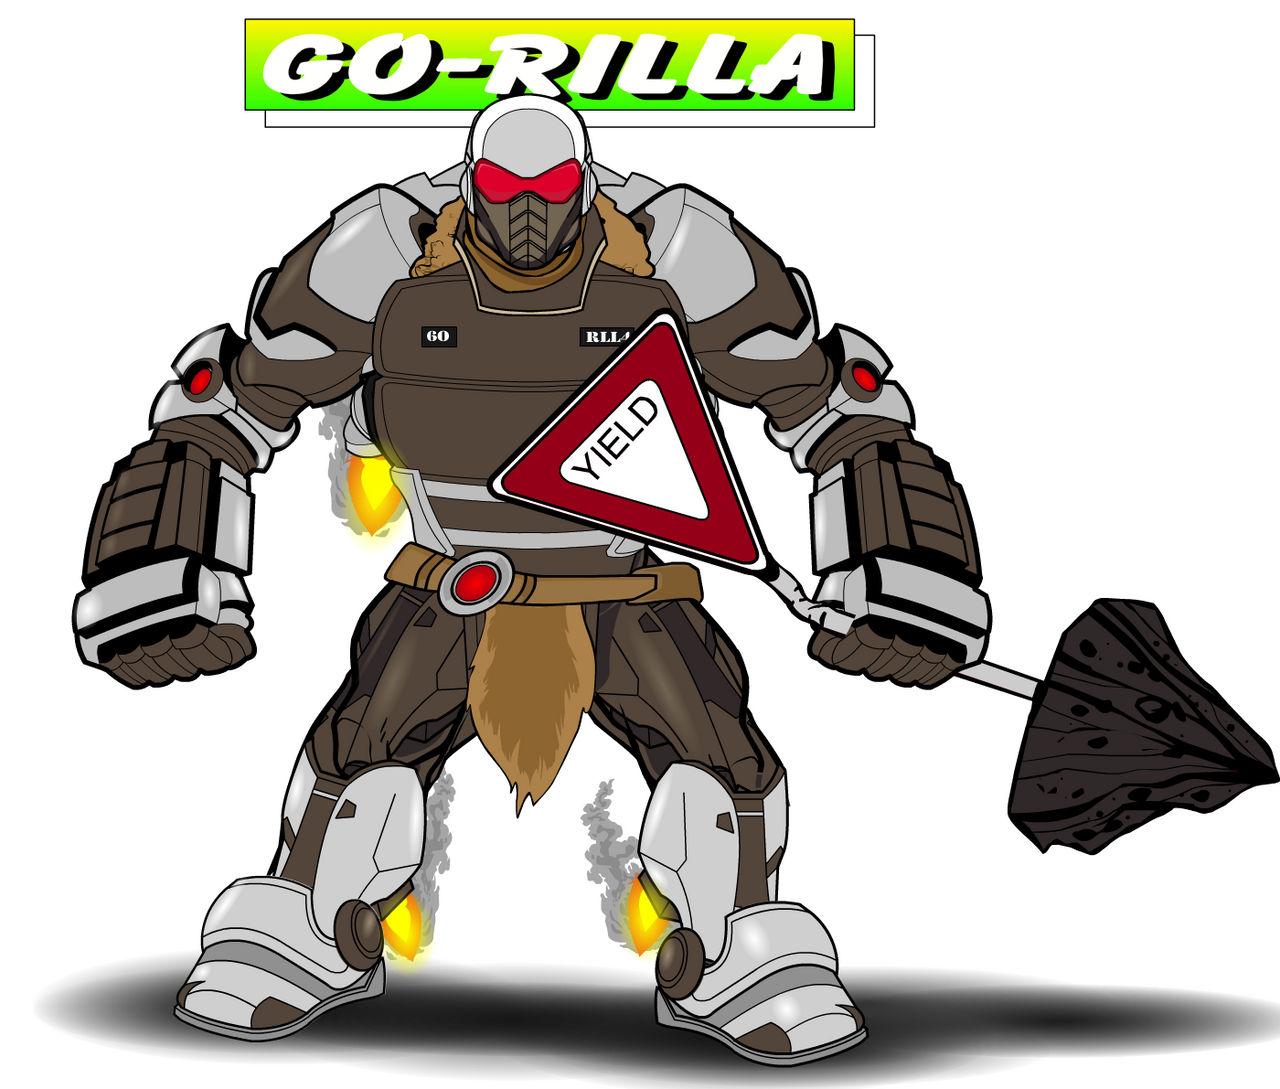 Go-Rilla